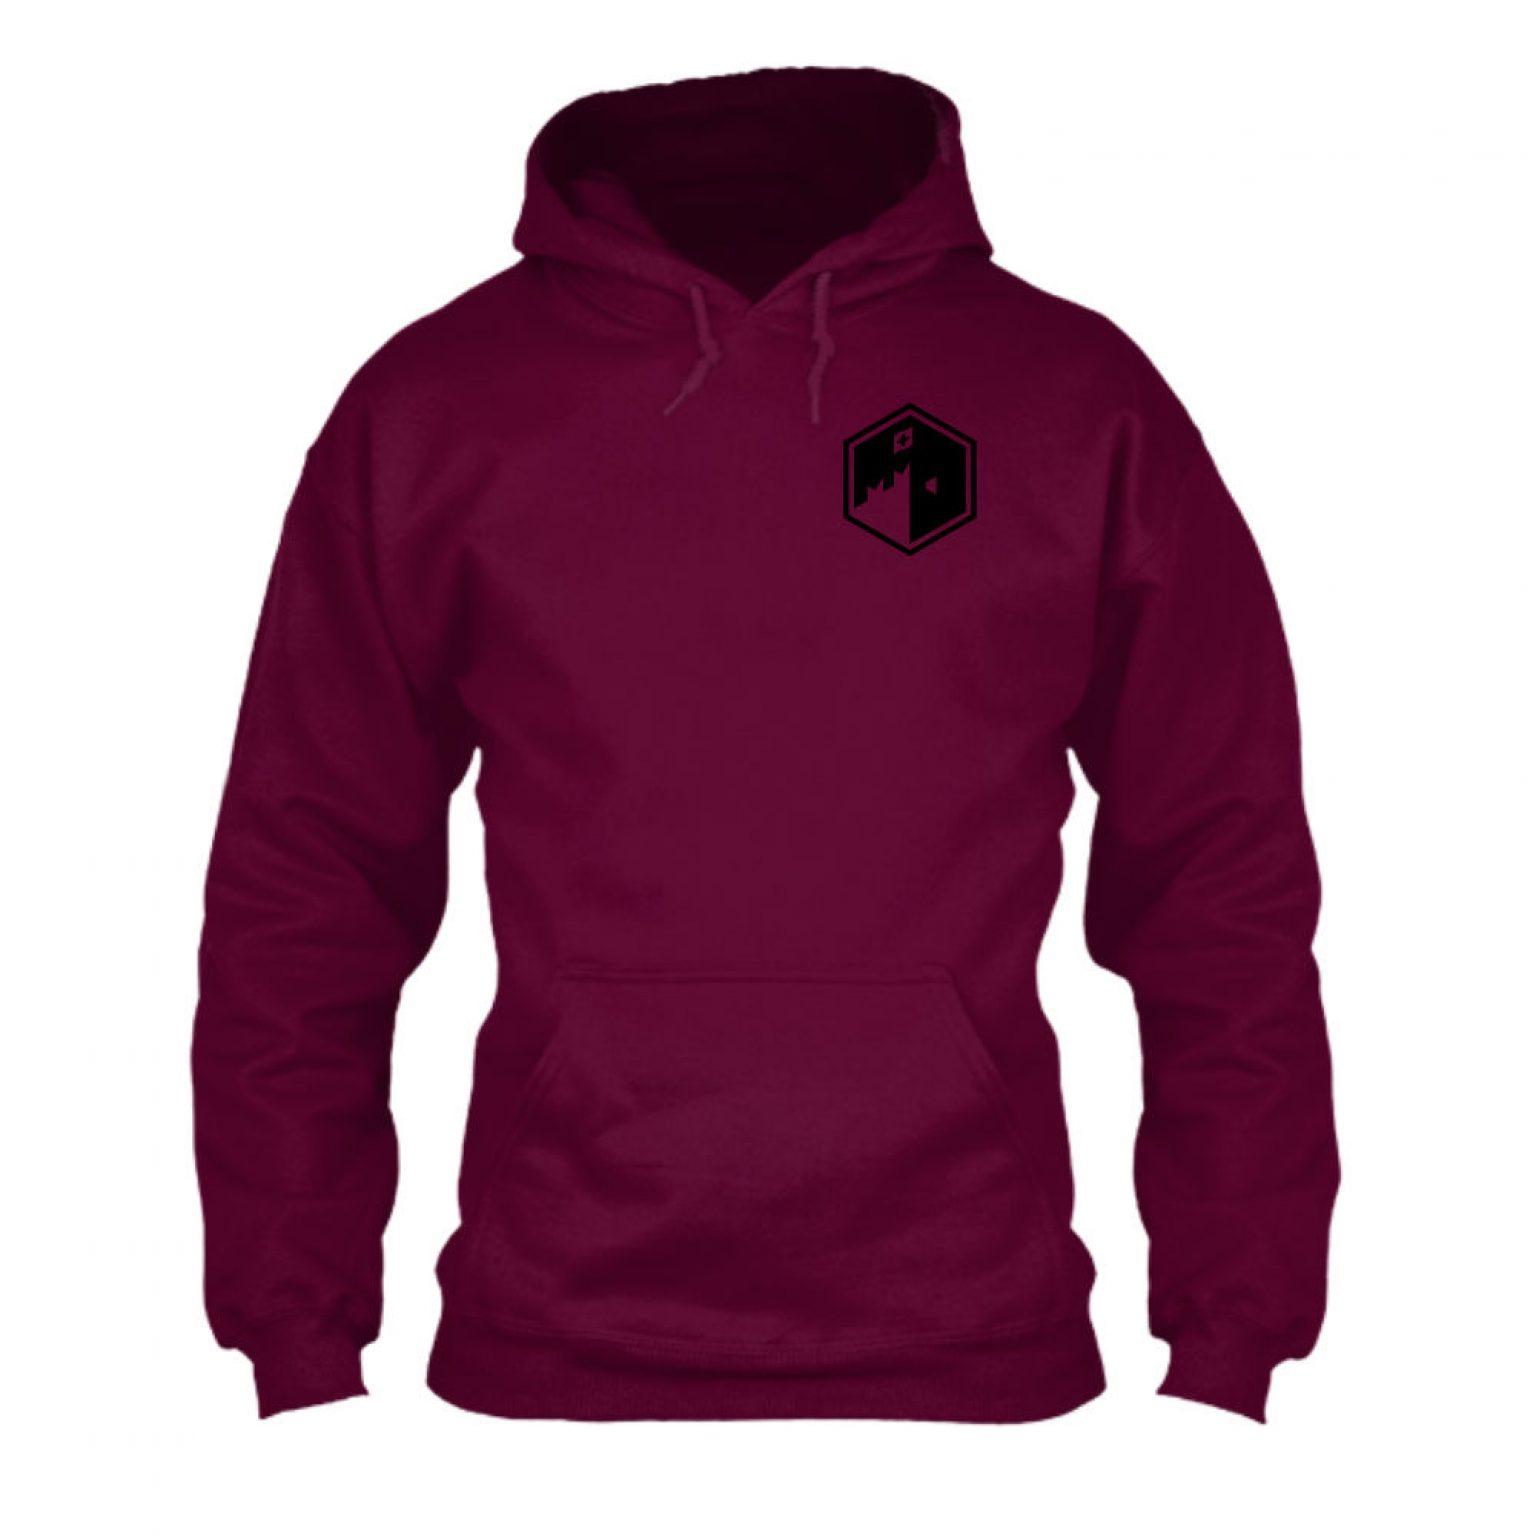 CFB hoodie herren burgundy front